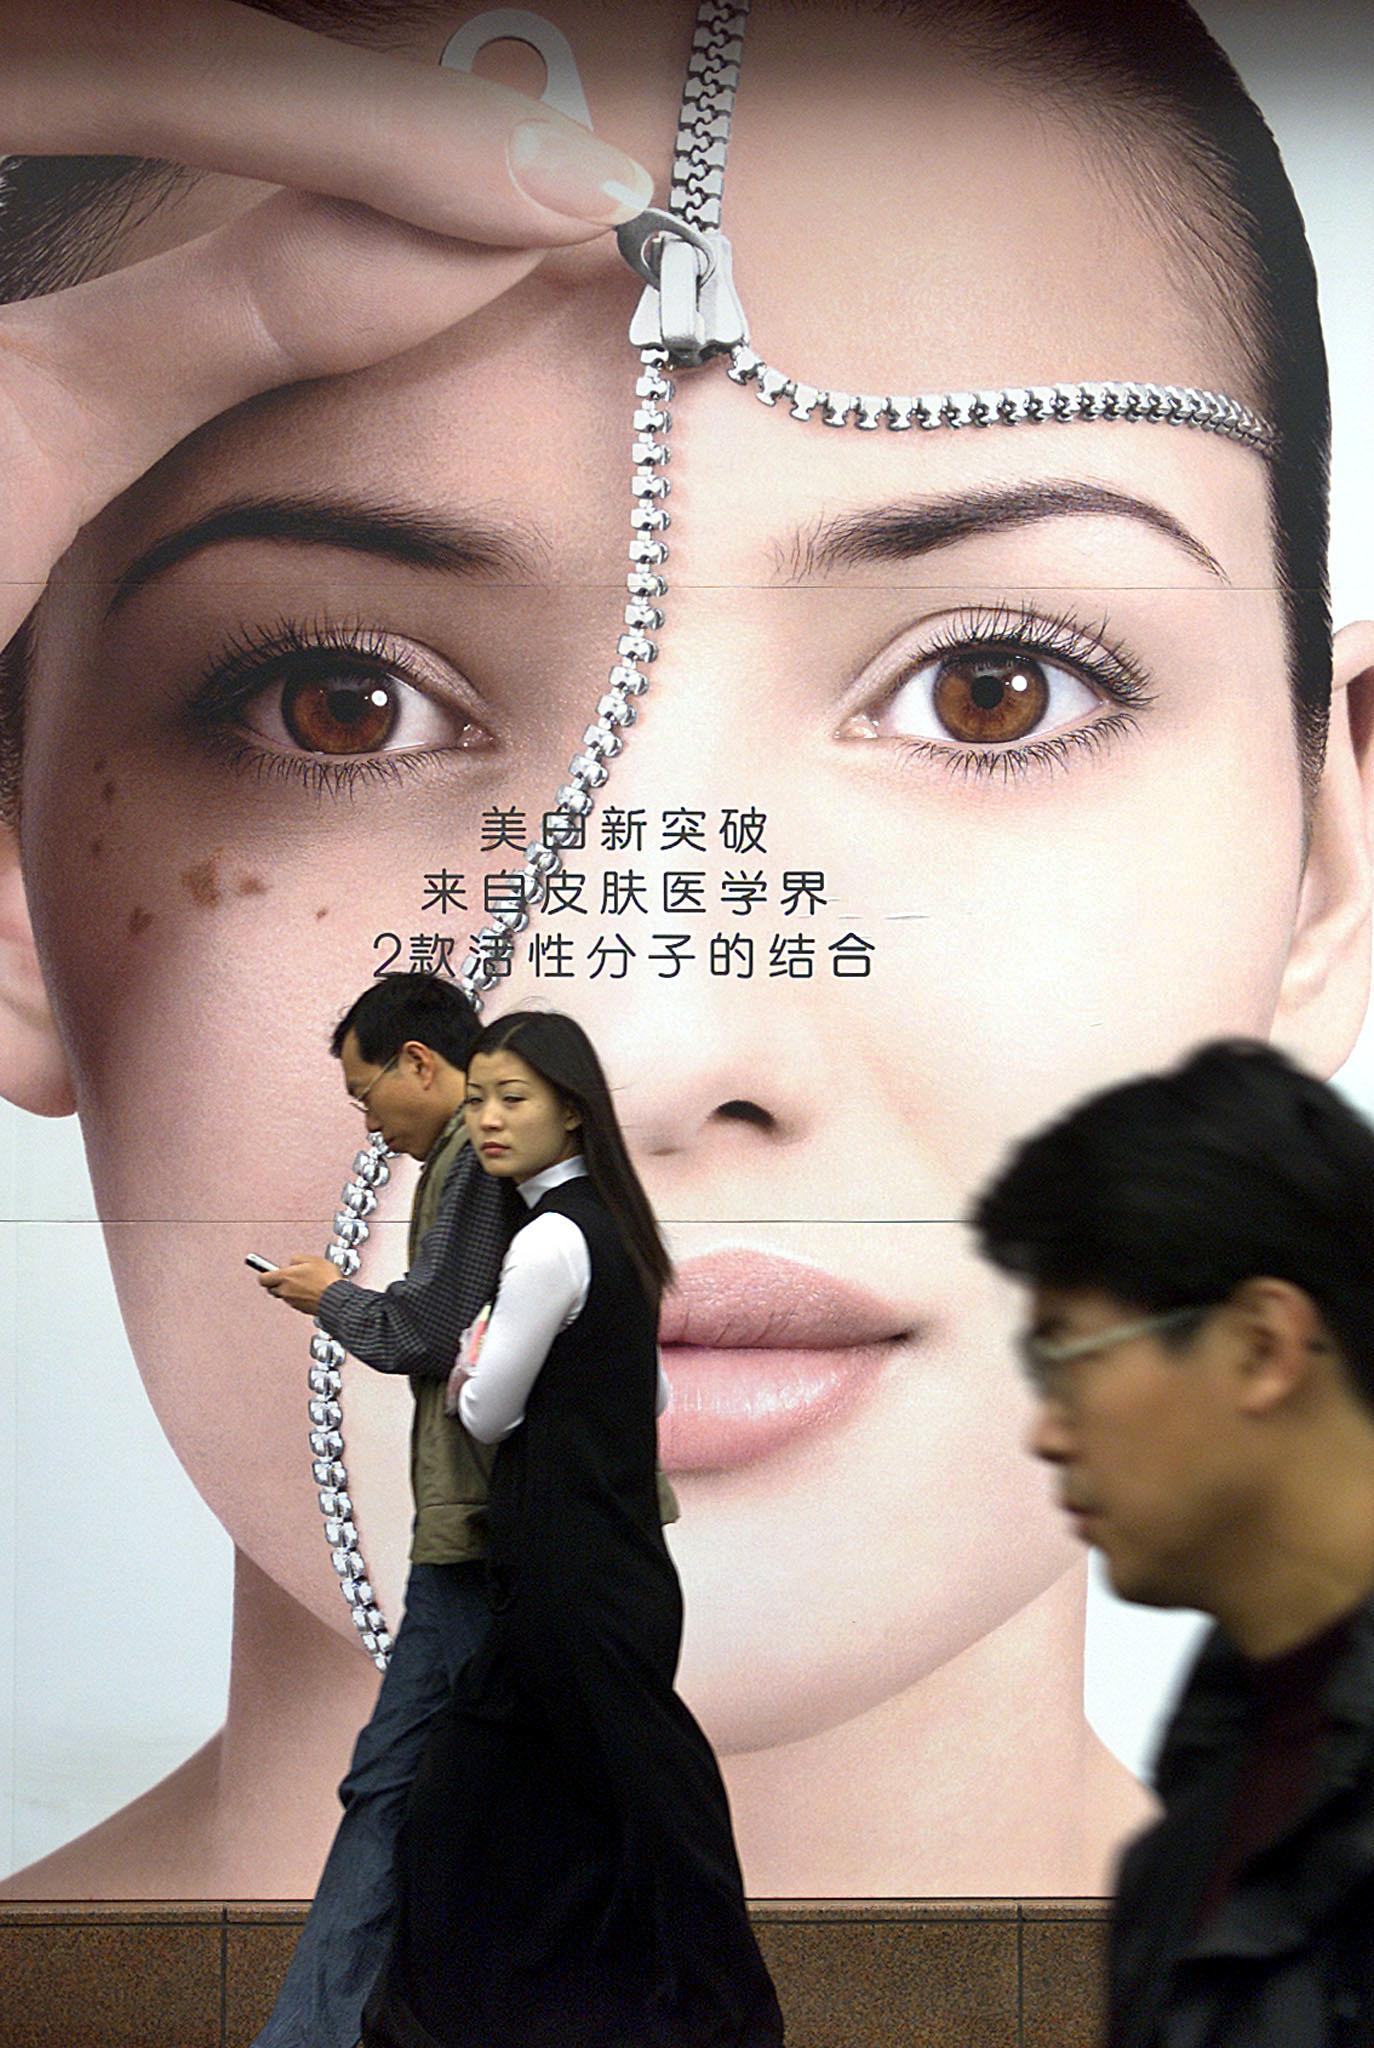 誤用化妝品 美容變毀容 | 中國 | 祛斑 | 美白 | 大紀元